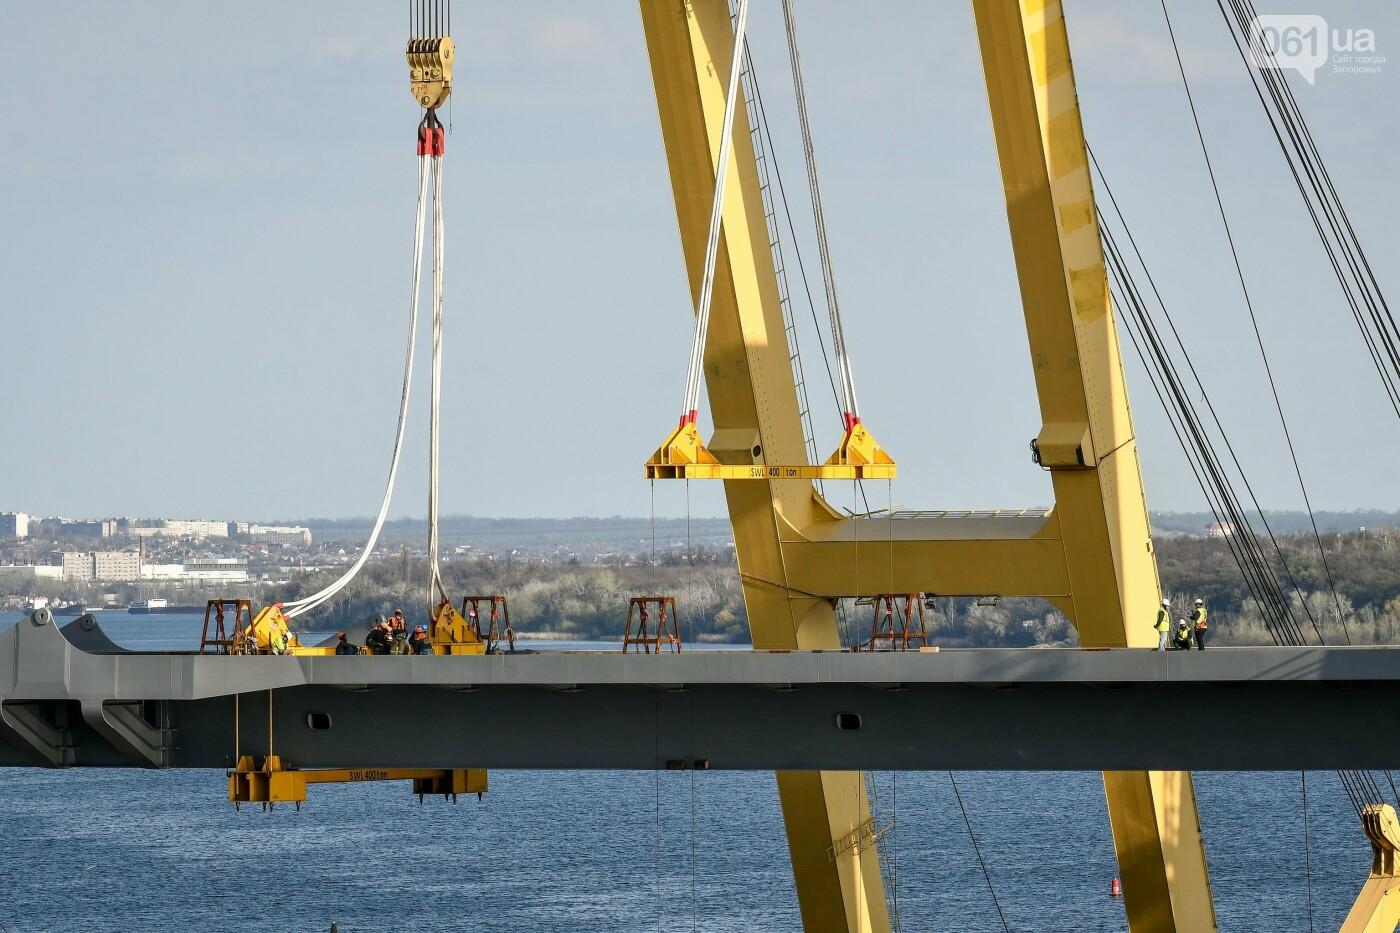 В Запорожье монтируют первый блок вантового моста, - ФОТОРЕПОРТАЖ, фото-19